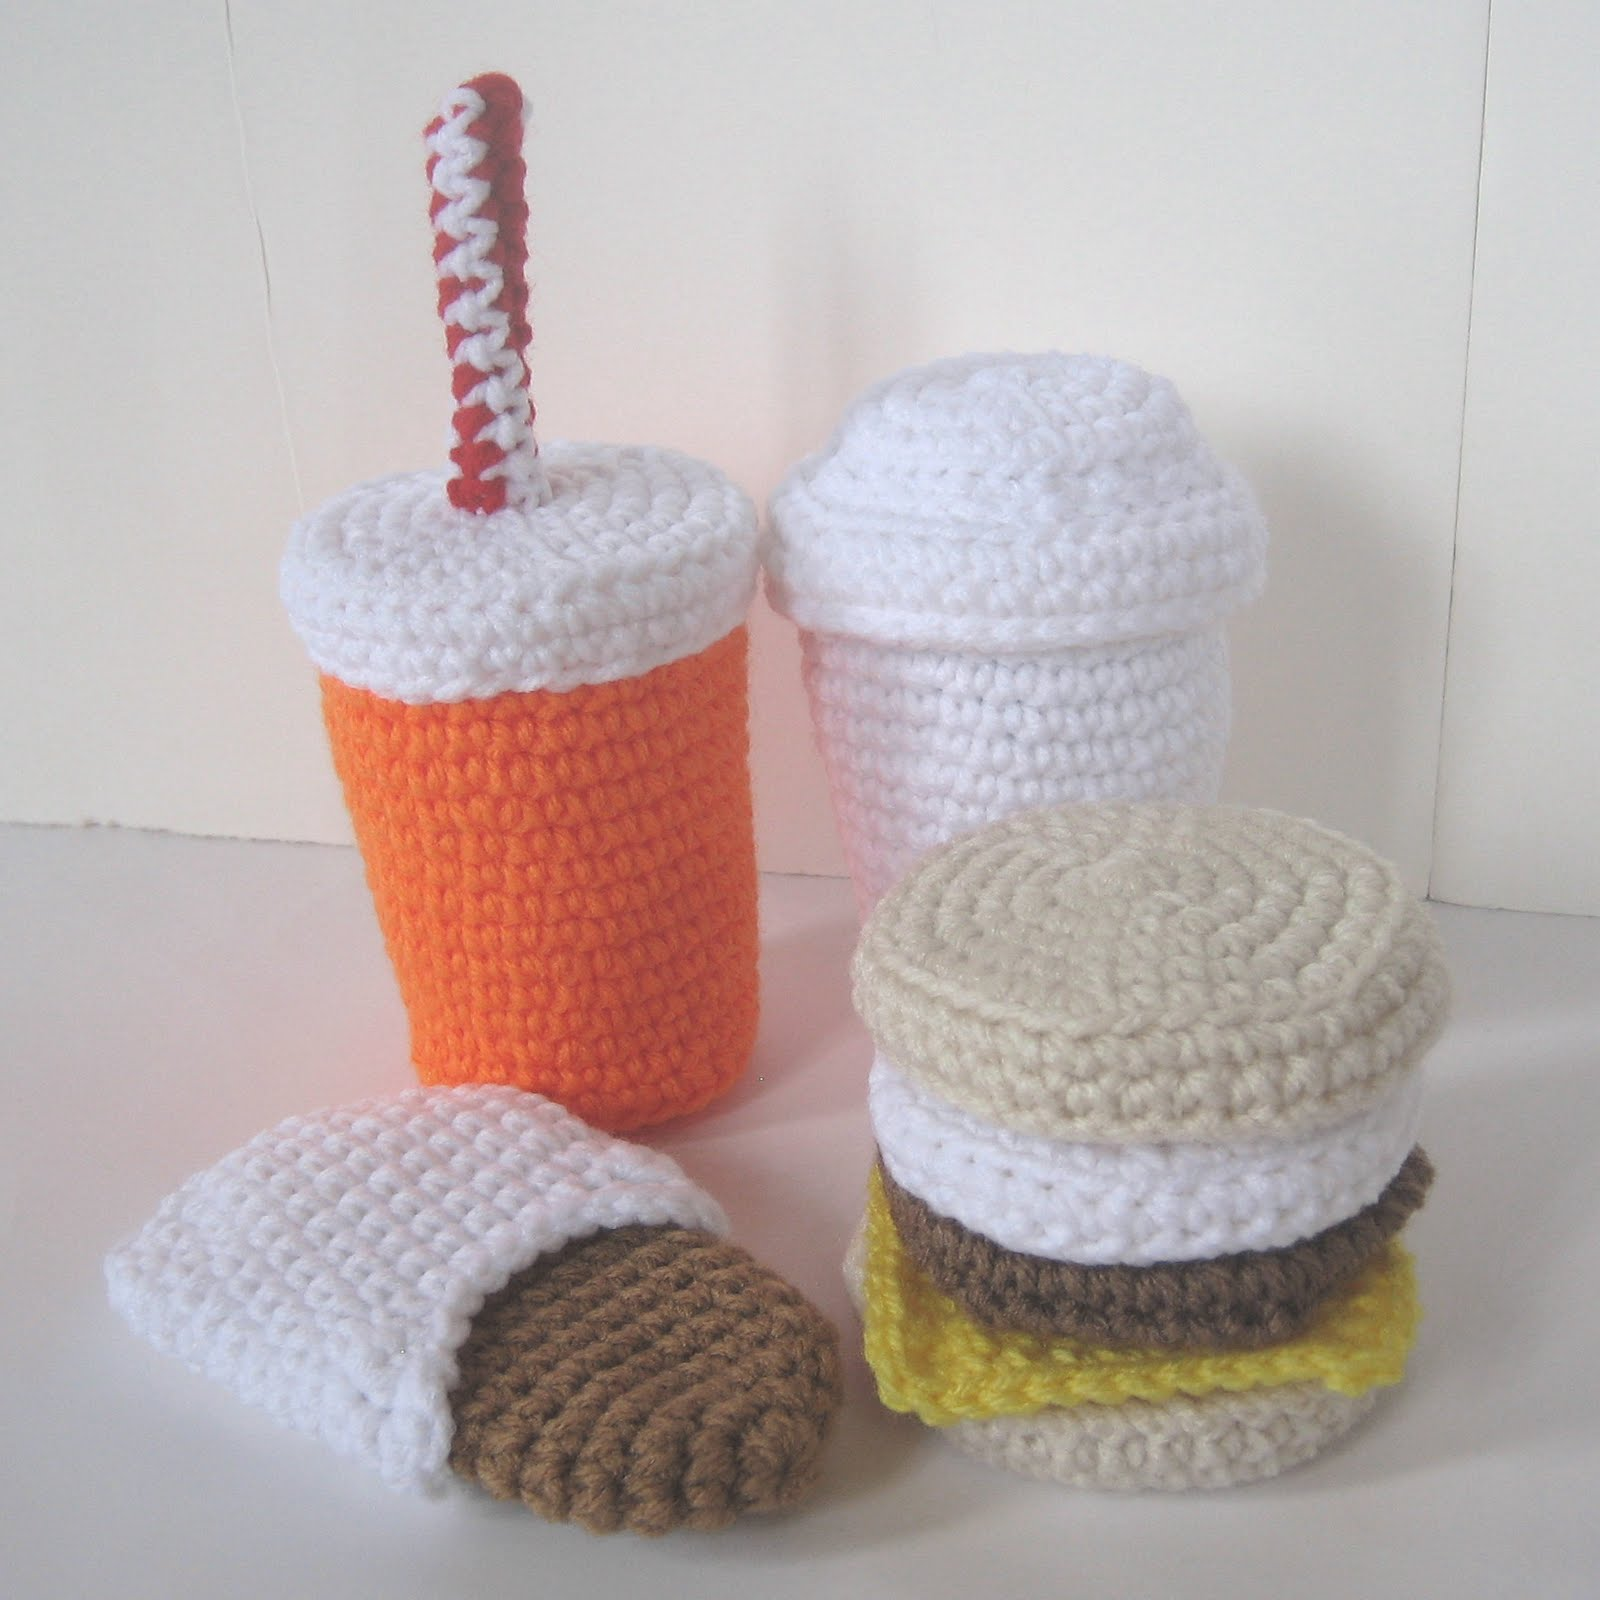 Crochet New : CROCHET N PLAY DESIGNS: New Crochet Pattern: Fast Food Breakfast